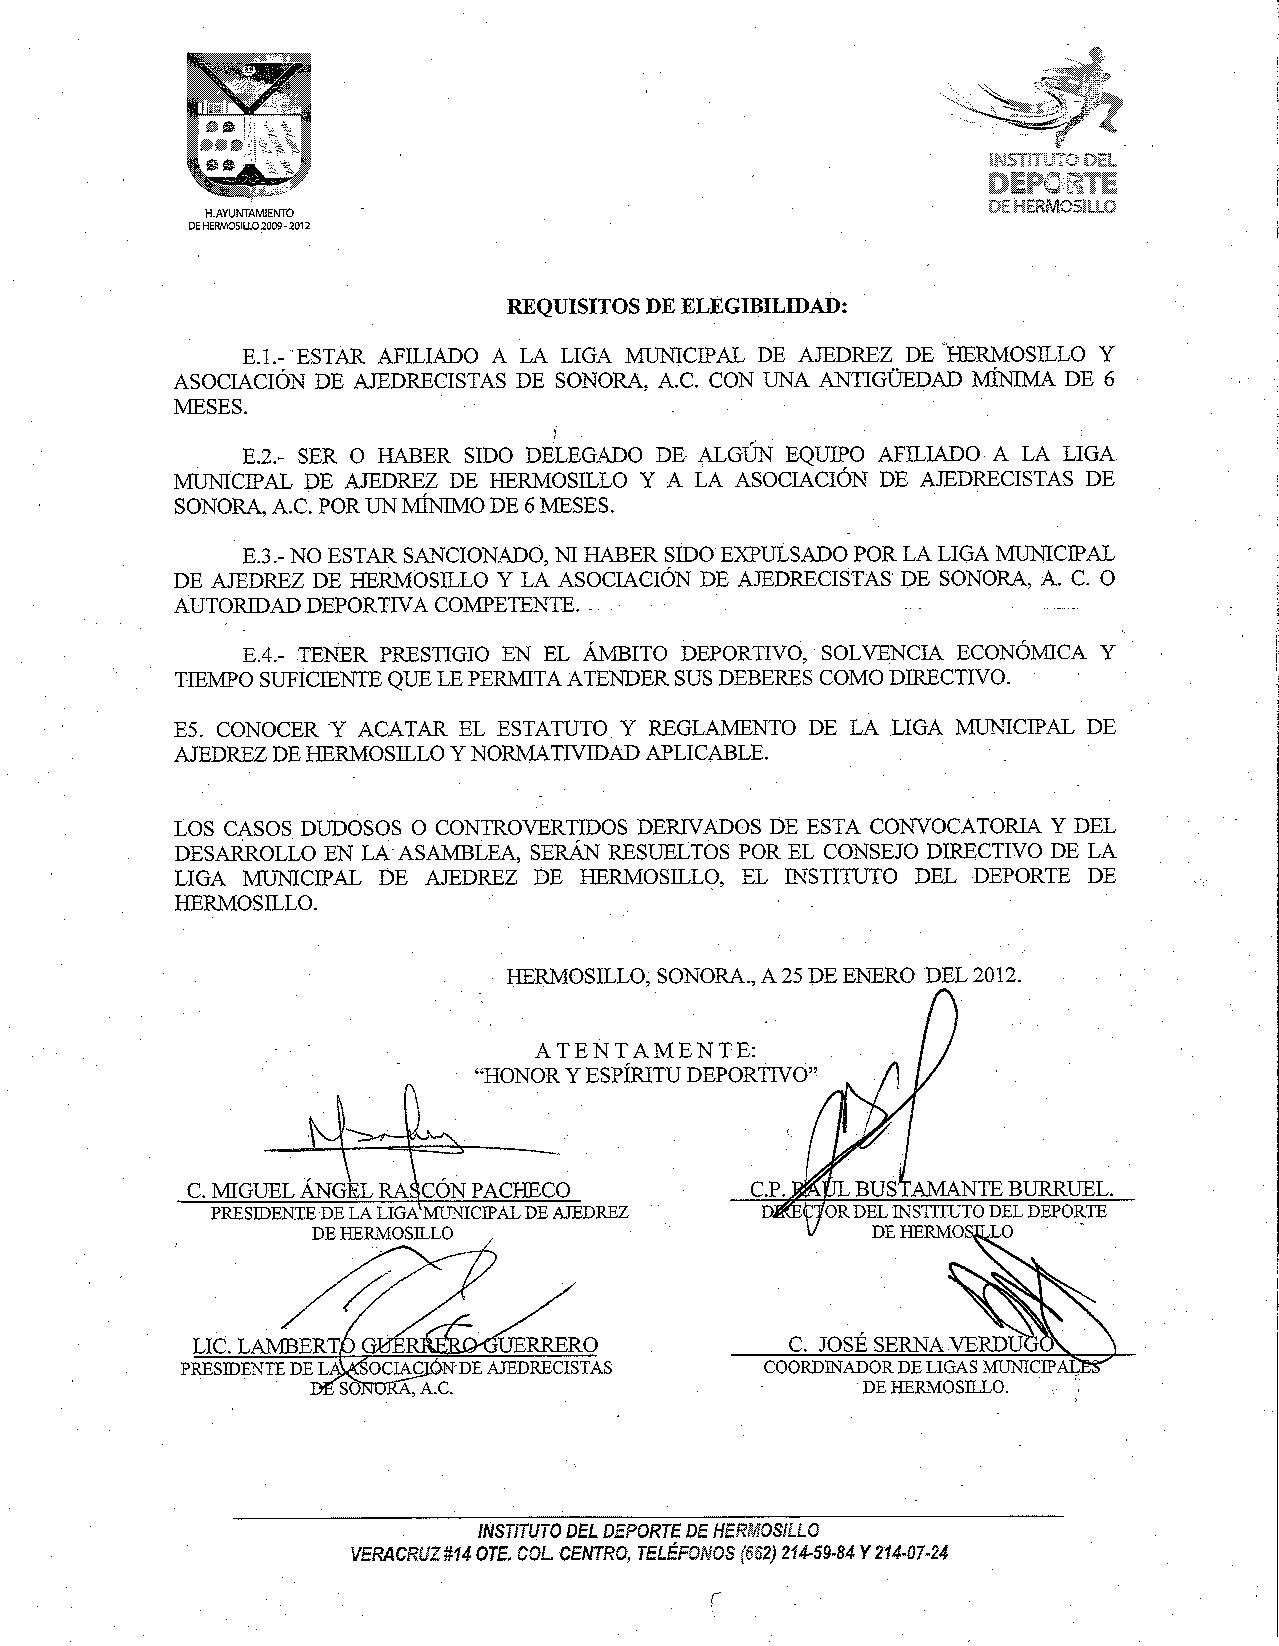 Convocatoria Liga Mun Ajedrez 2012 Hoja 3-page-001